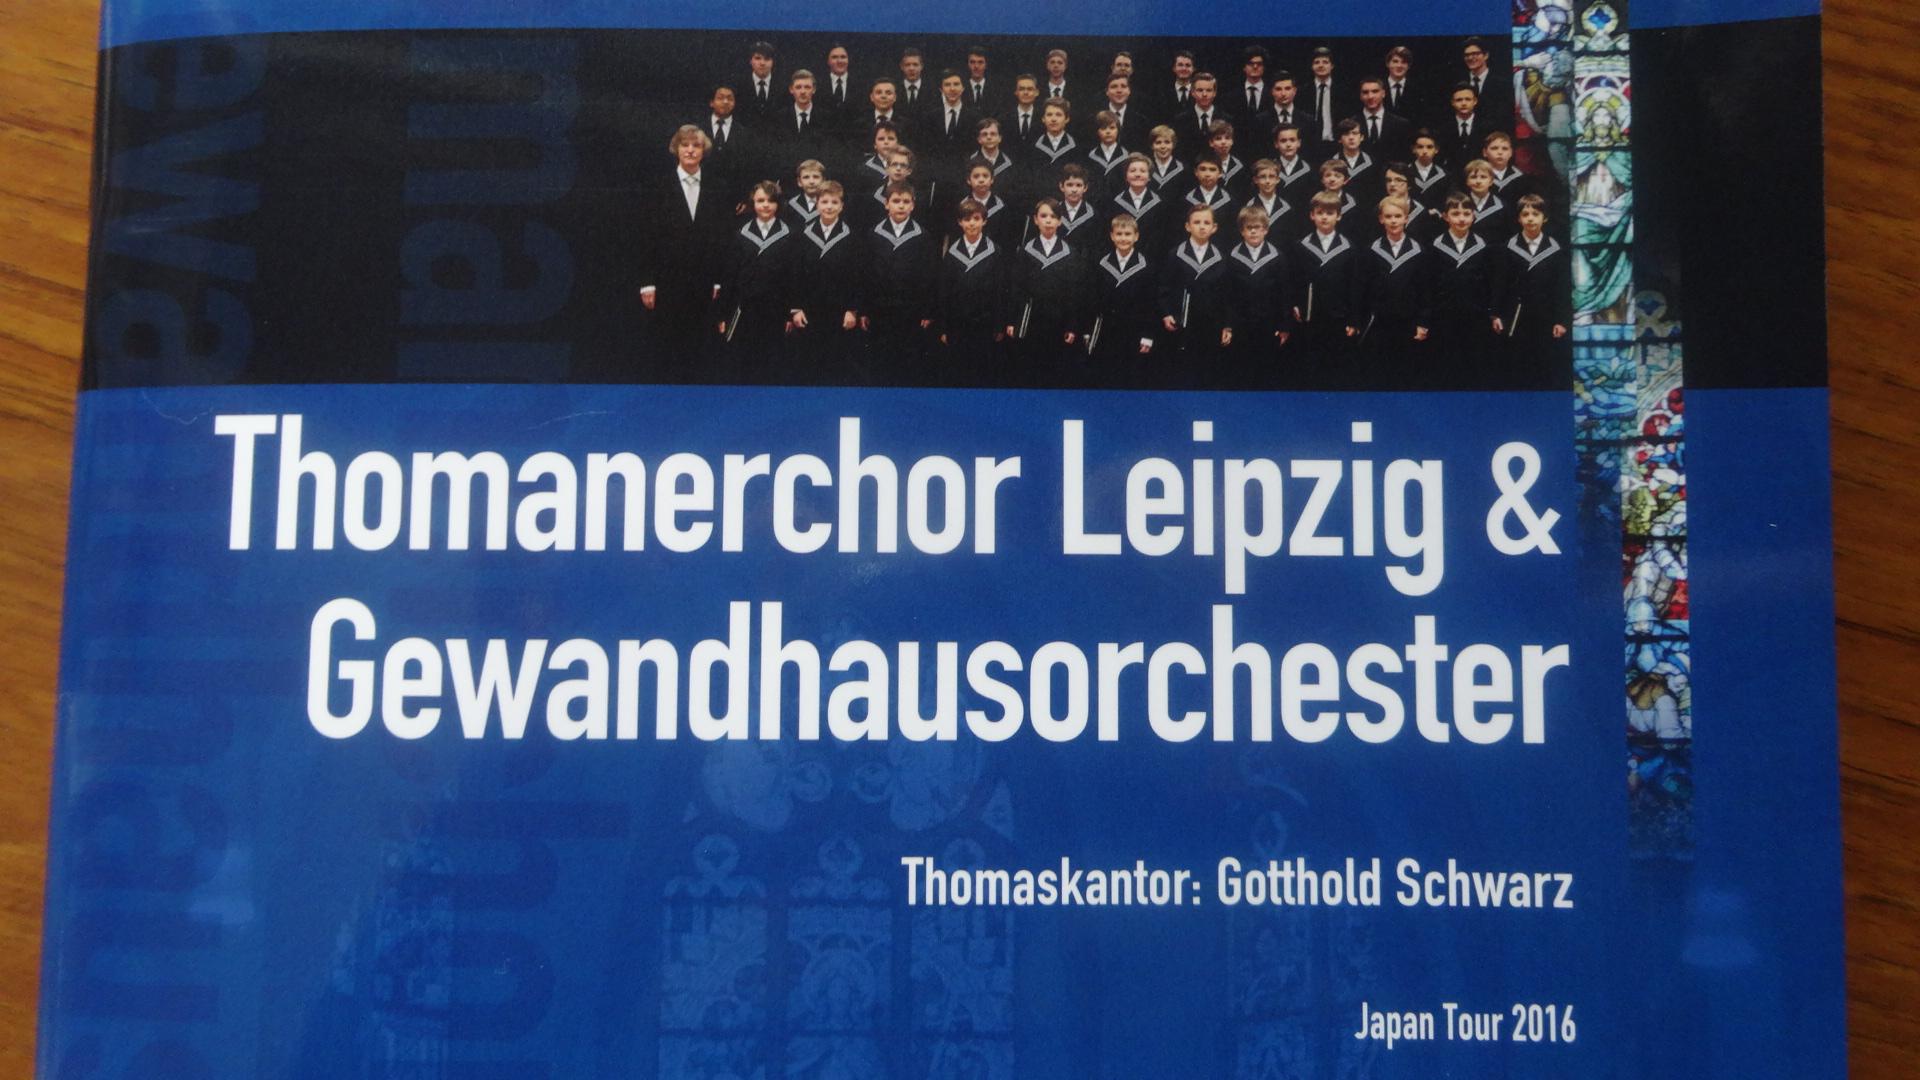 ゲヴァントハウス管弦楽団のバッハのマタイ受難曲のプログラム